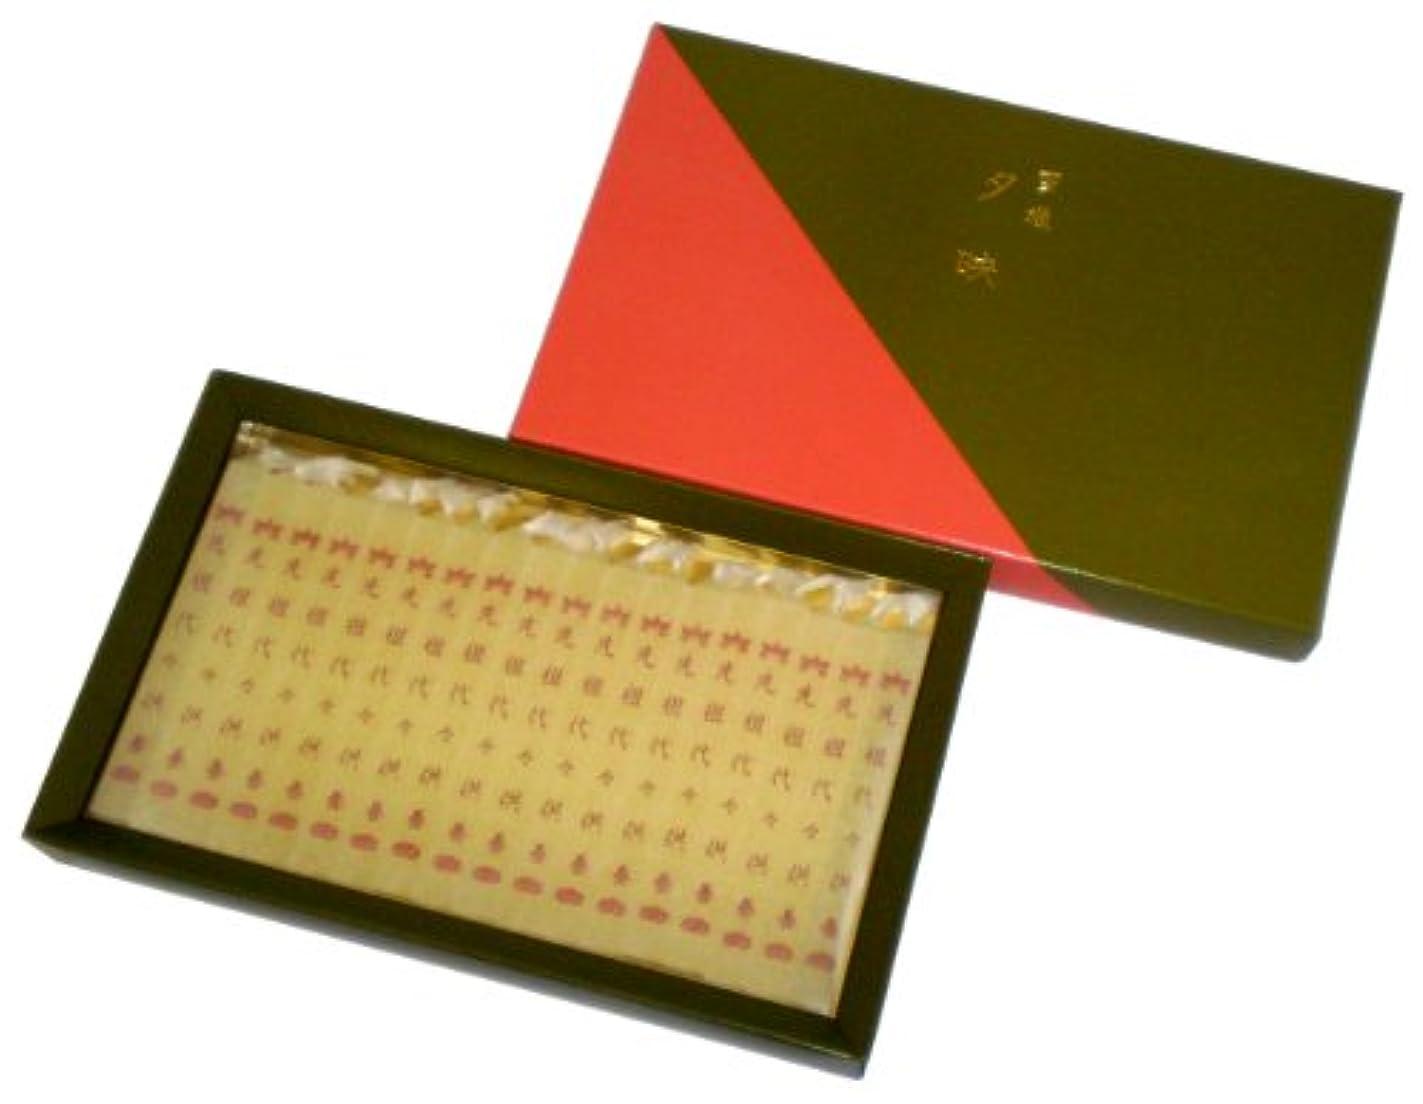 バラバラにする入る資源鳥居のローソク 蜜蝋夕映 先祖 18本入 紙箱 #100753